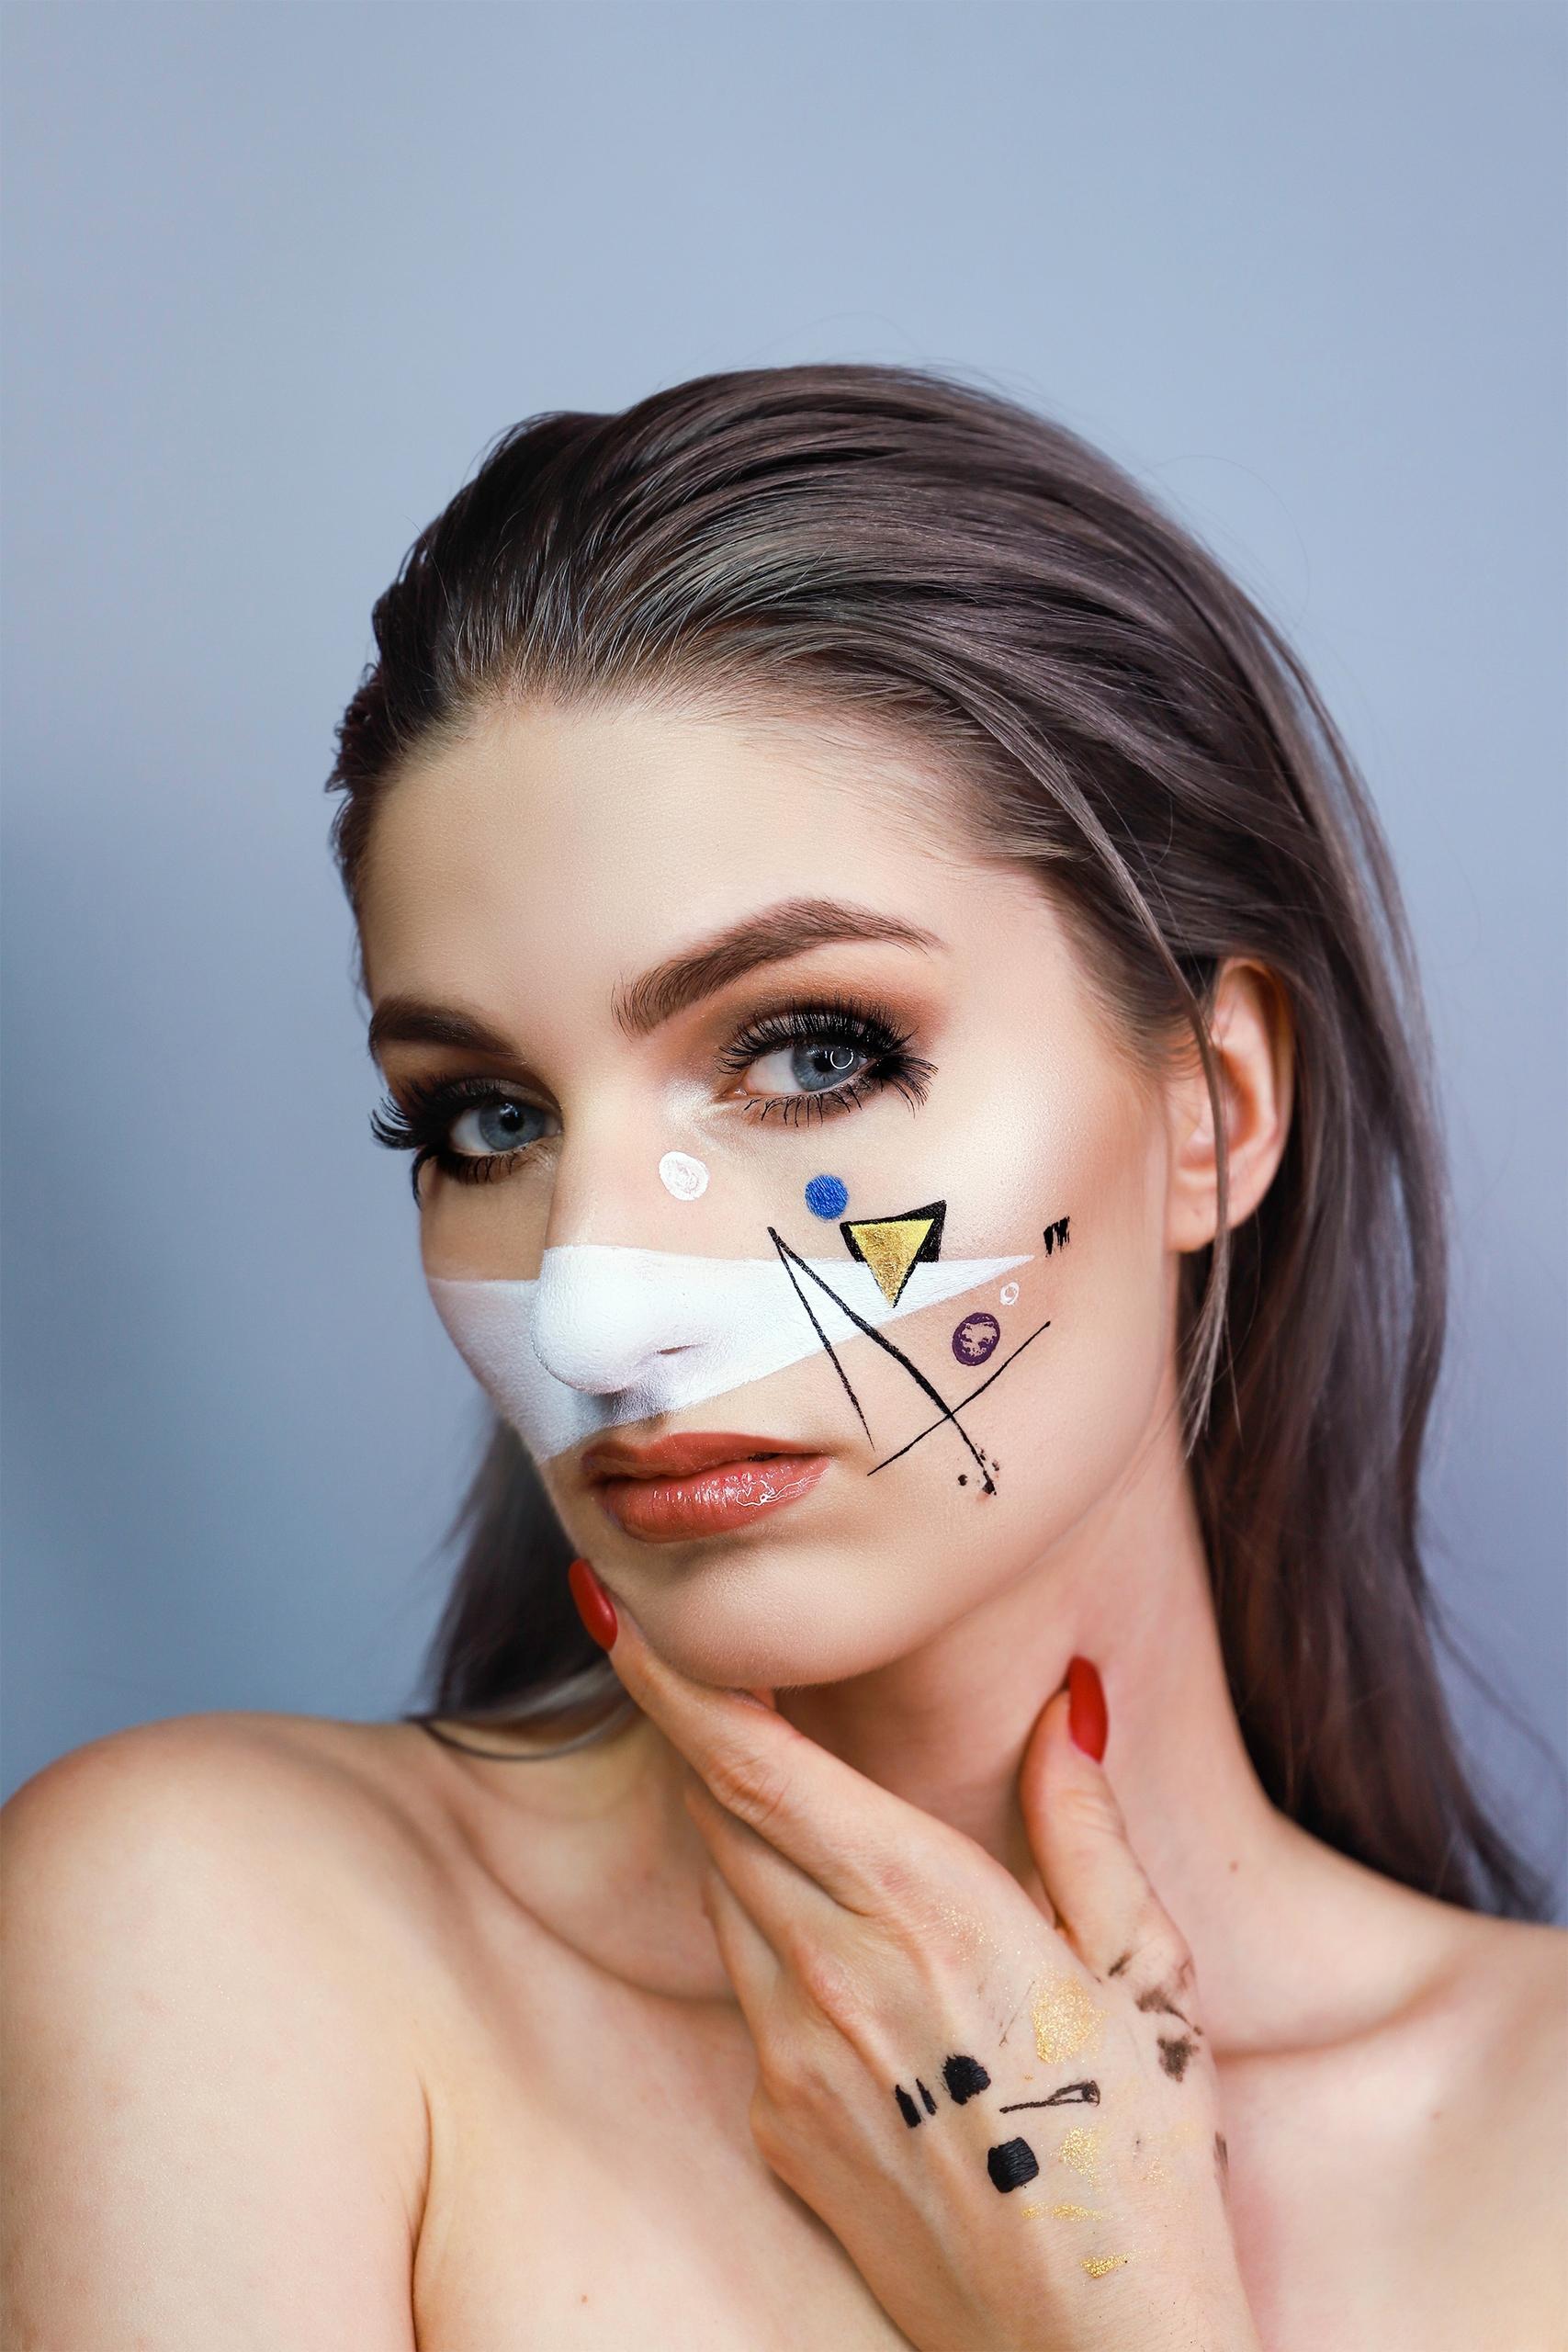 Zdjęcie przedstawia portret kobiety na szarym tle. Kobieta ma lekko przechyloną głowę i trzyma twarz ręką. Na jej lewym policzku widzimy graficzny makijaż.